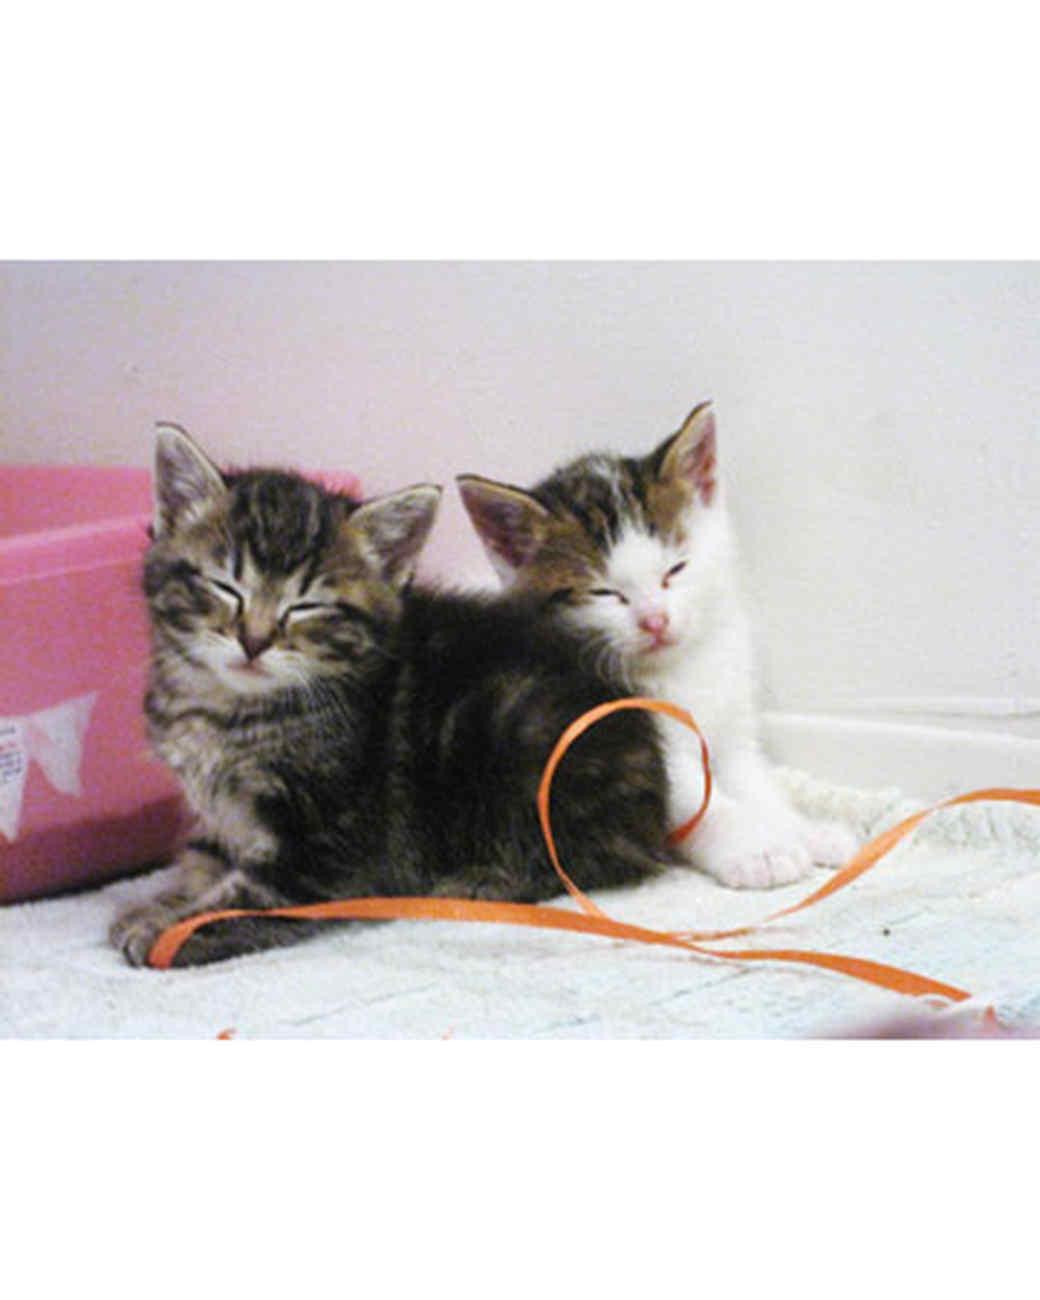 pets_kittens_0610_9551943_18320430.jpg